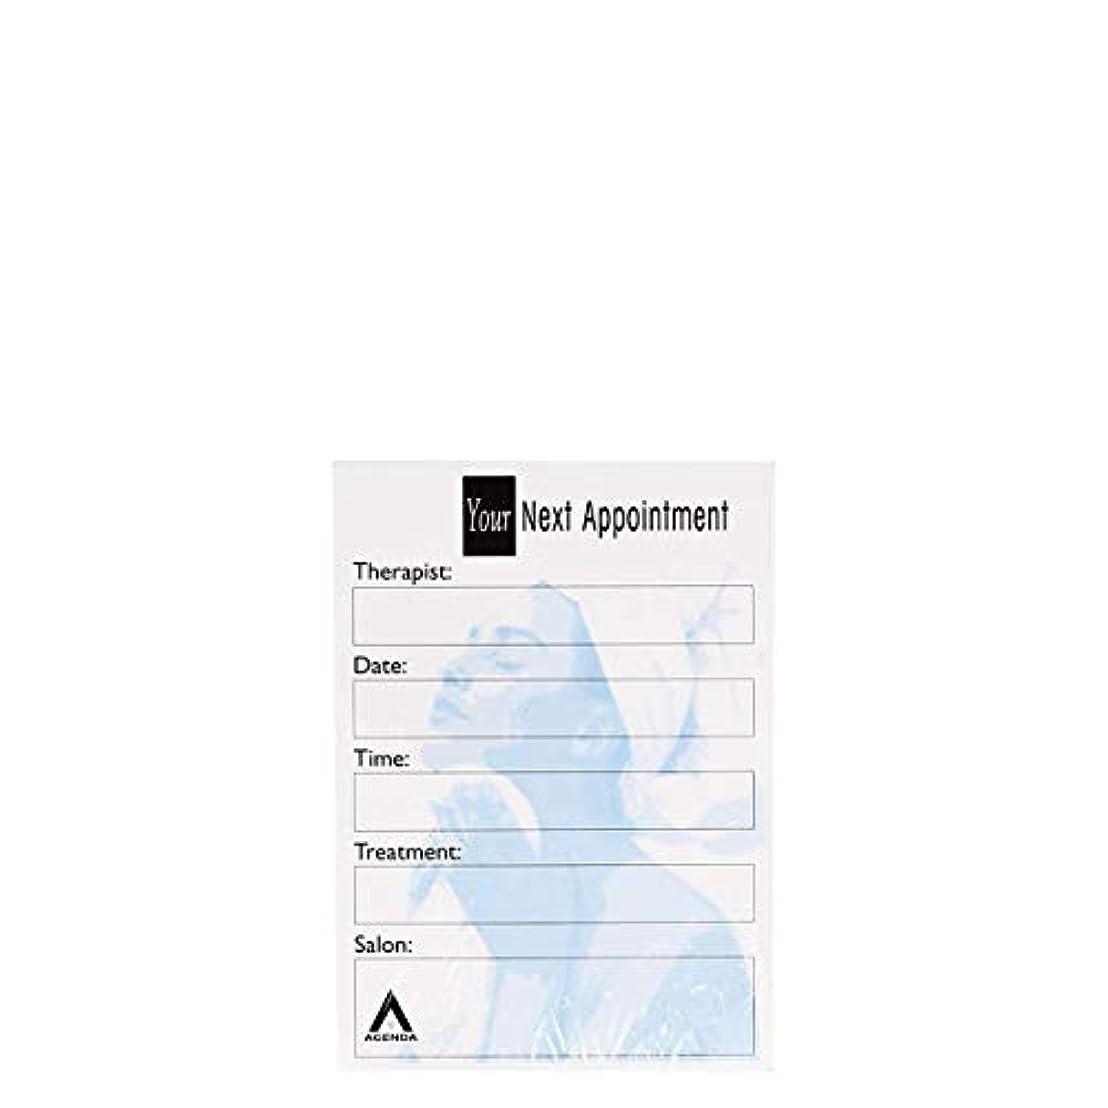 委員長スタジオ実験室アジェンダ サロンコンセプト ネイルアポイントメントカードAP7B x100[海外直送品] [並行輸入品]